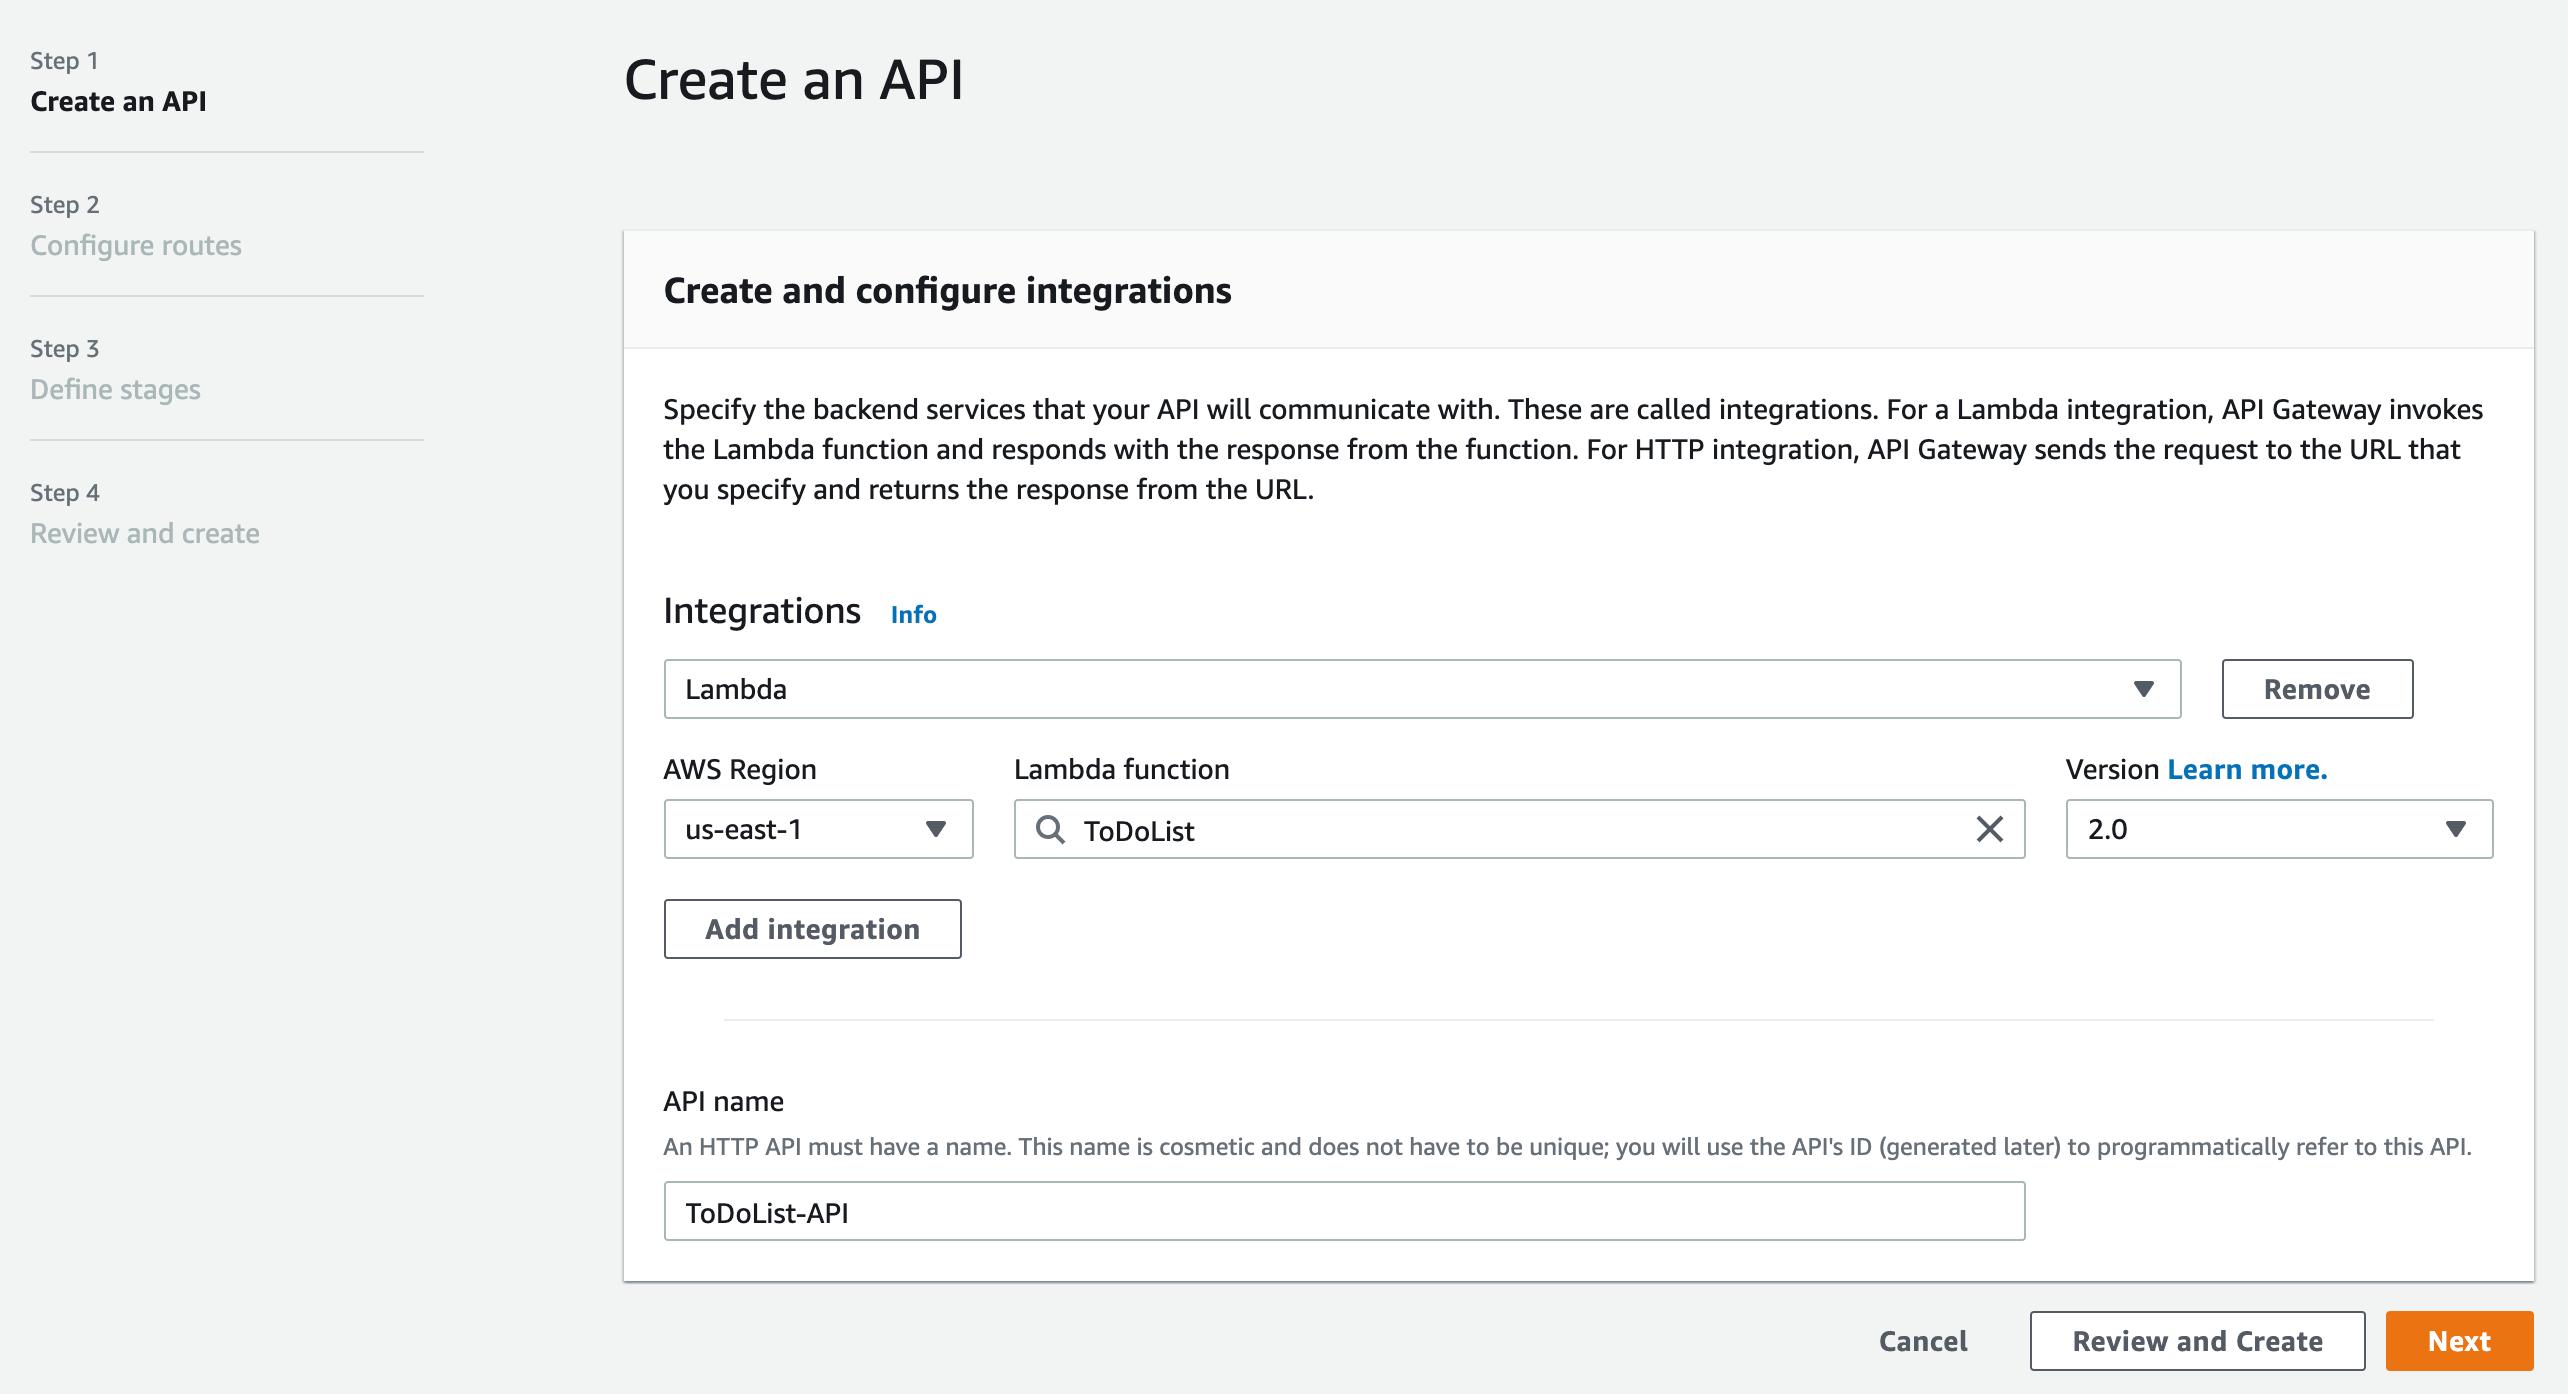 API Gateway - Step 1